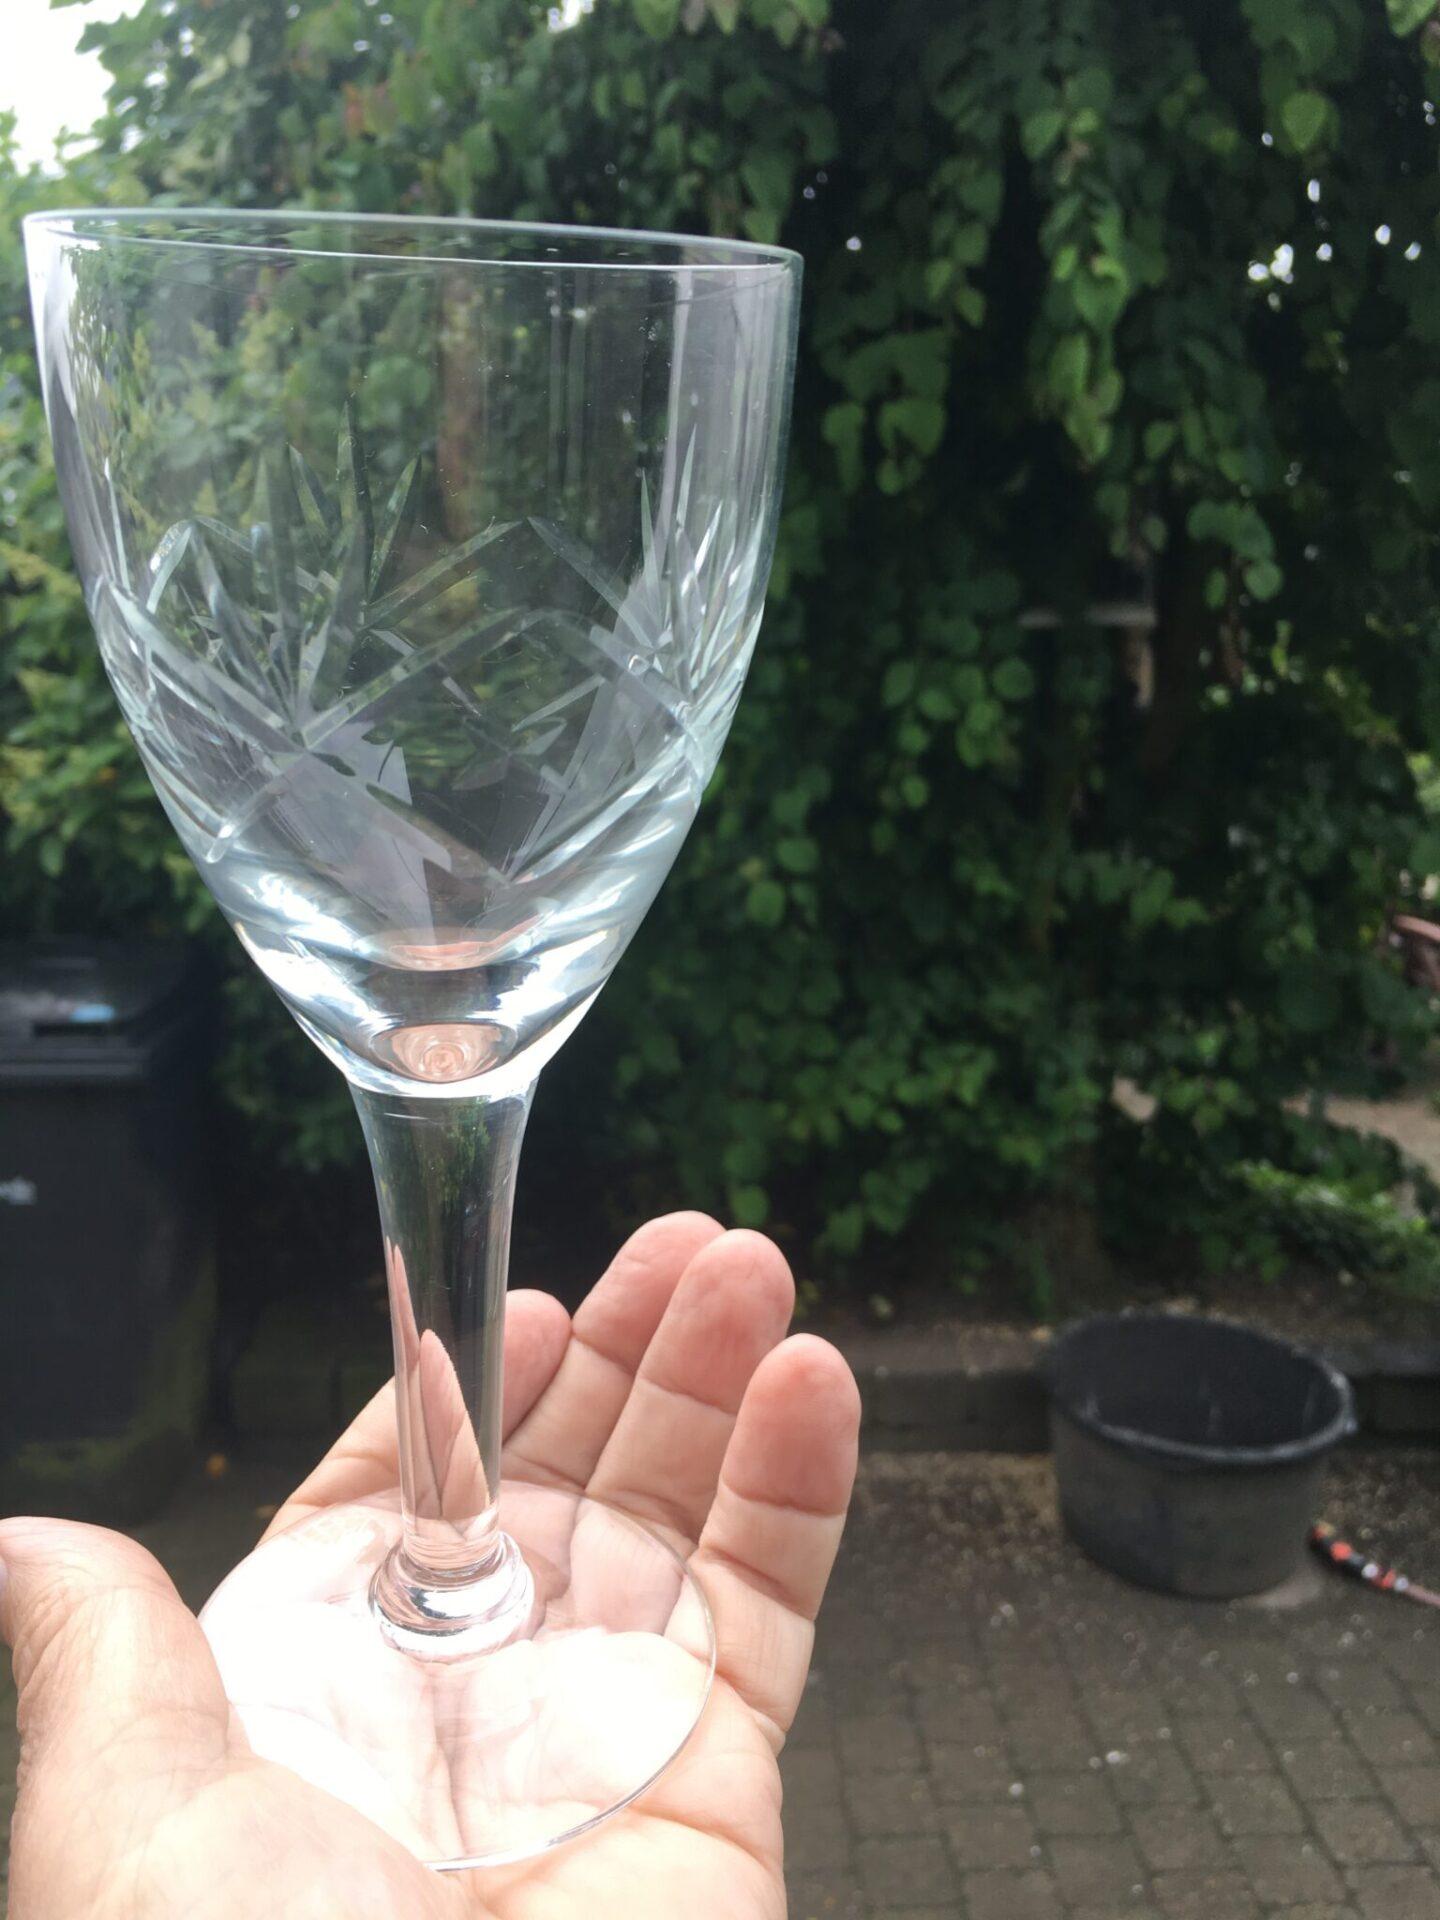 Store Ulla rødvinsglas, h=18,3 cm, pr. stk 125kr